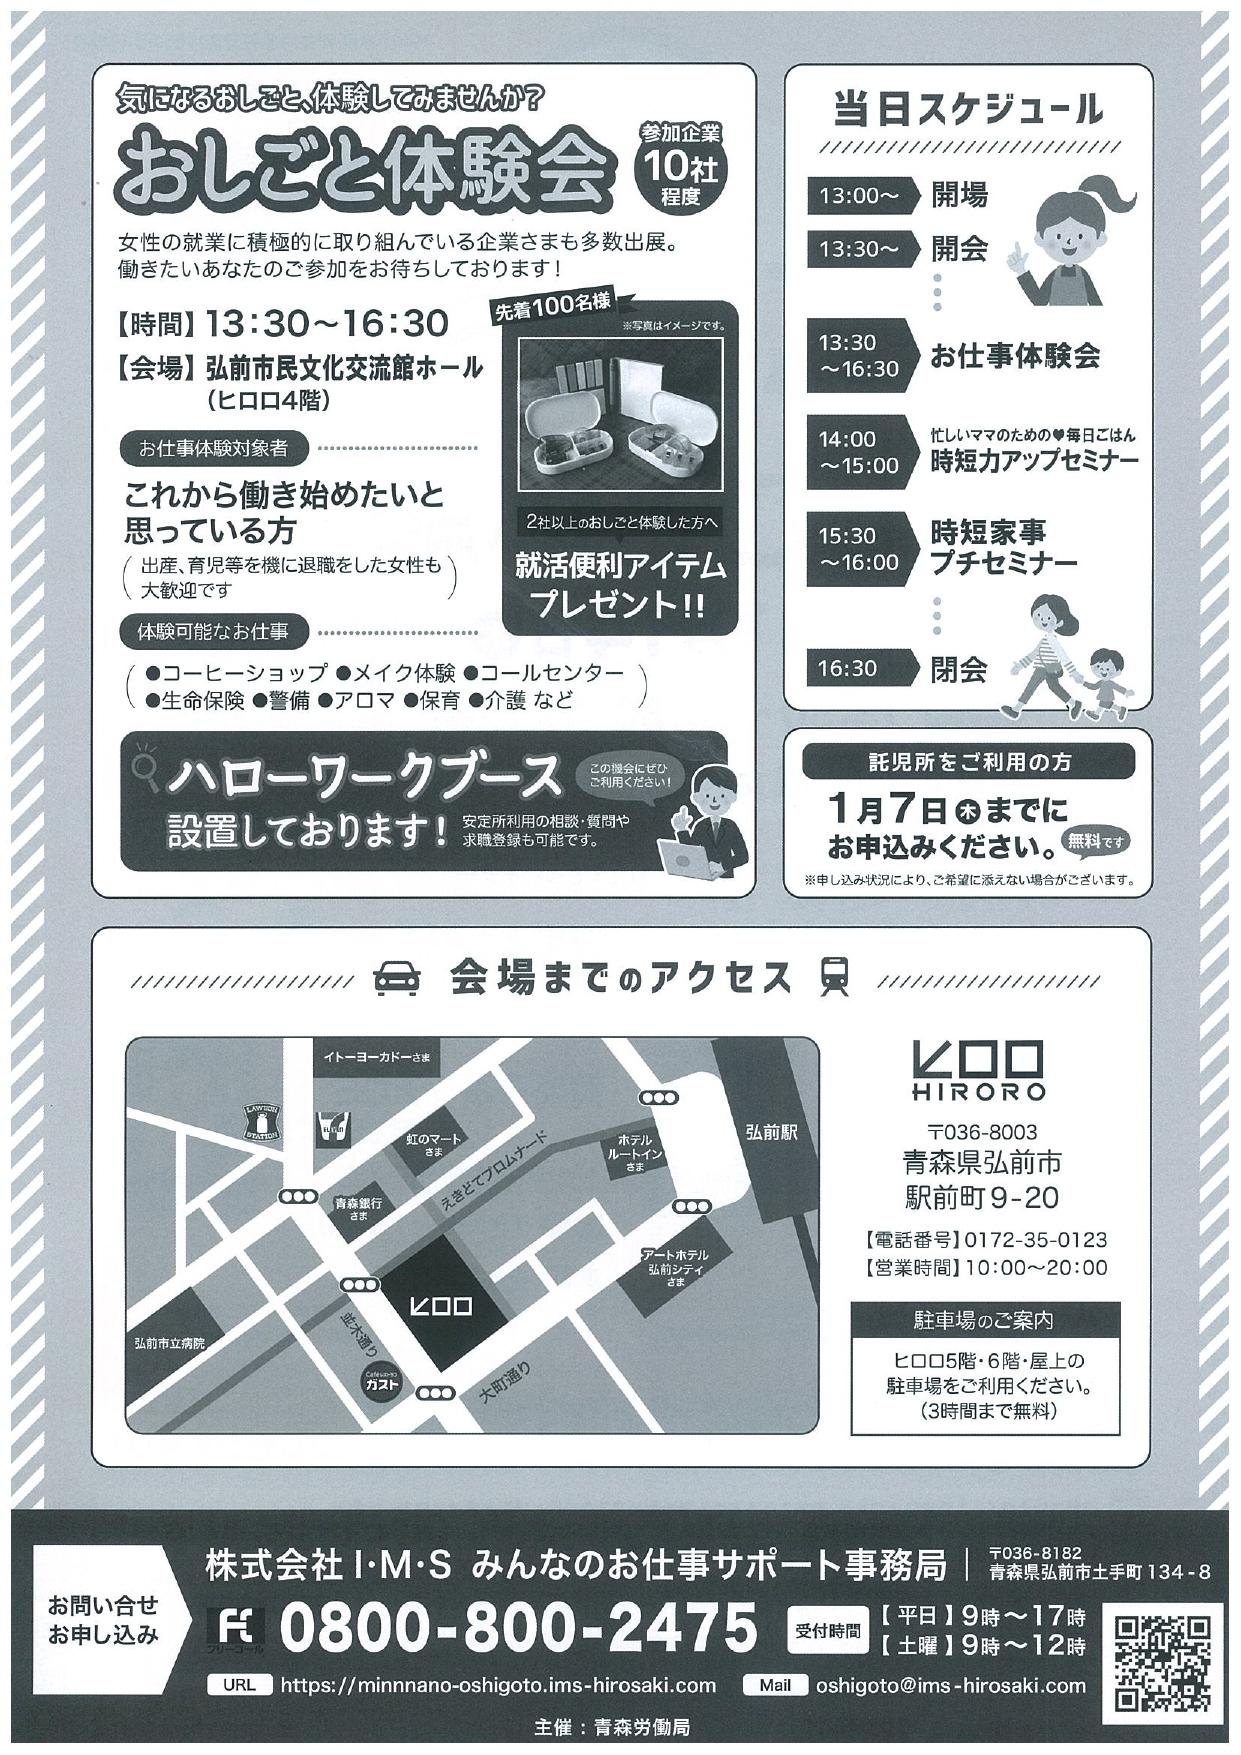 時短プチセミナー&おしごと体験会②_page-0001.jpg